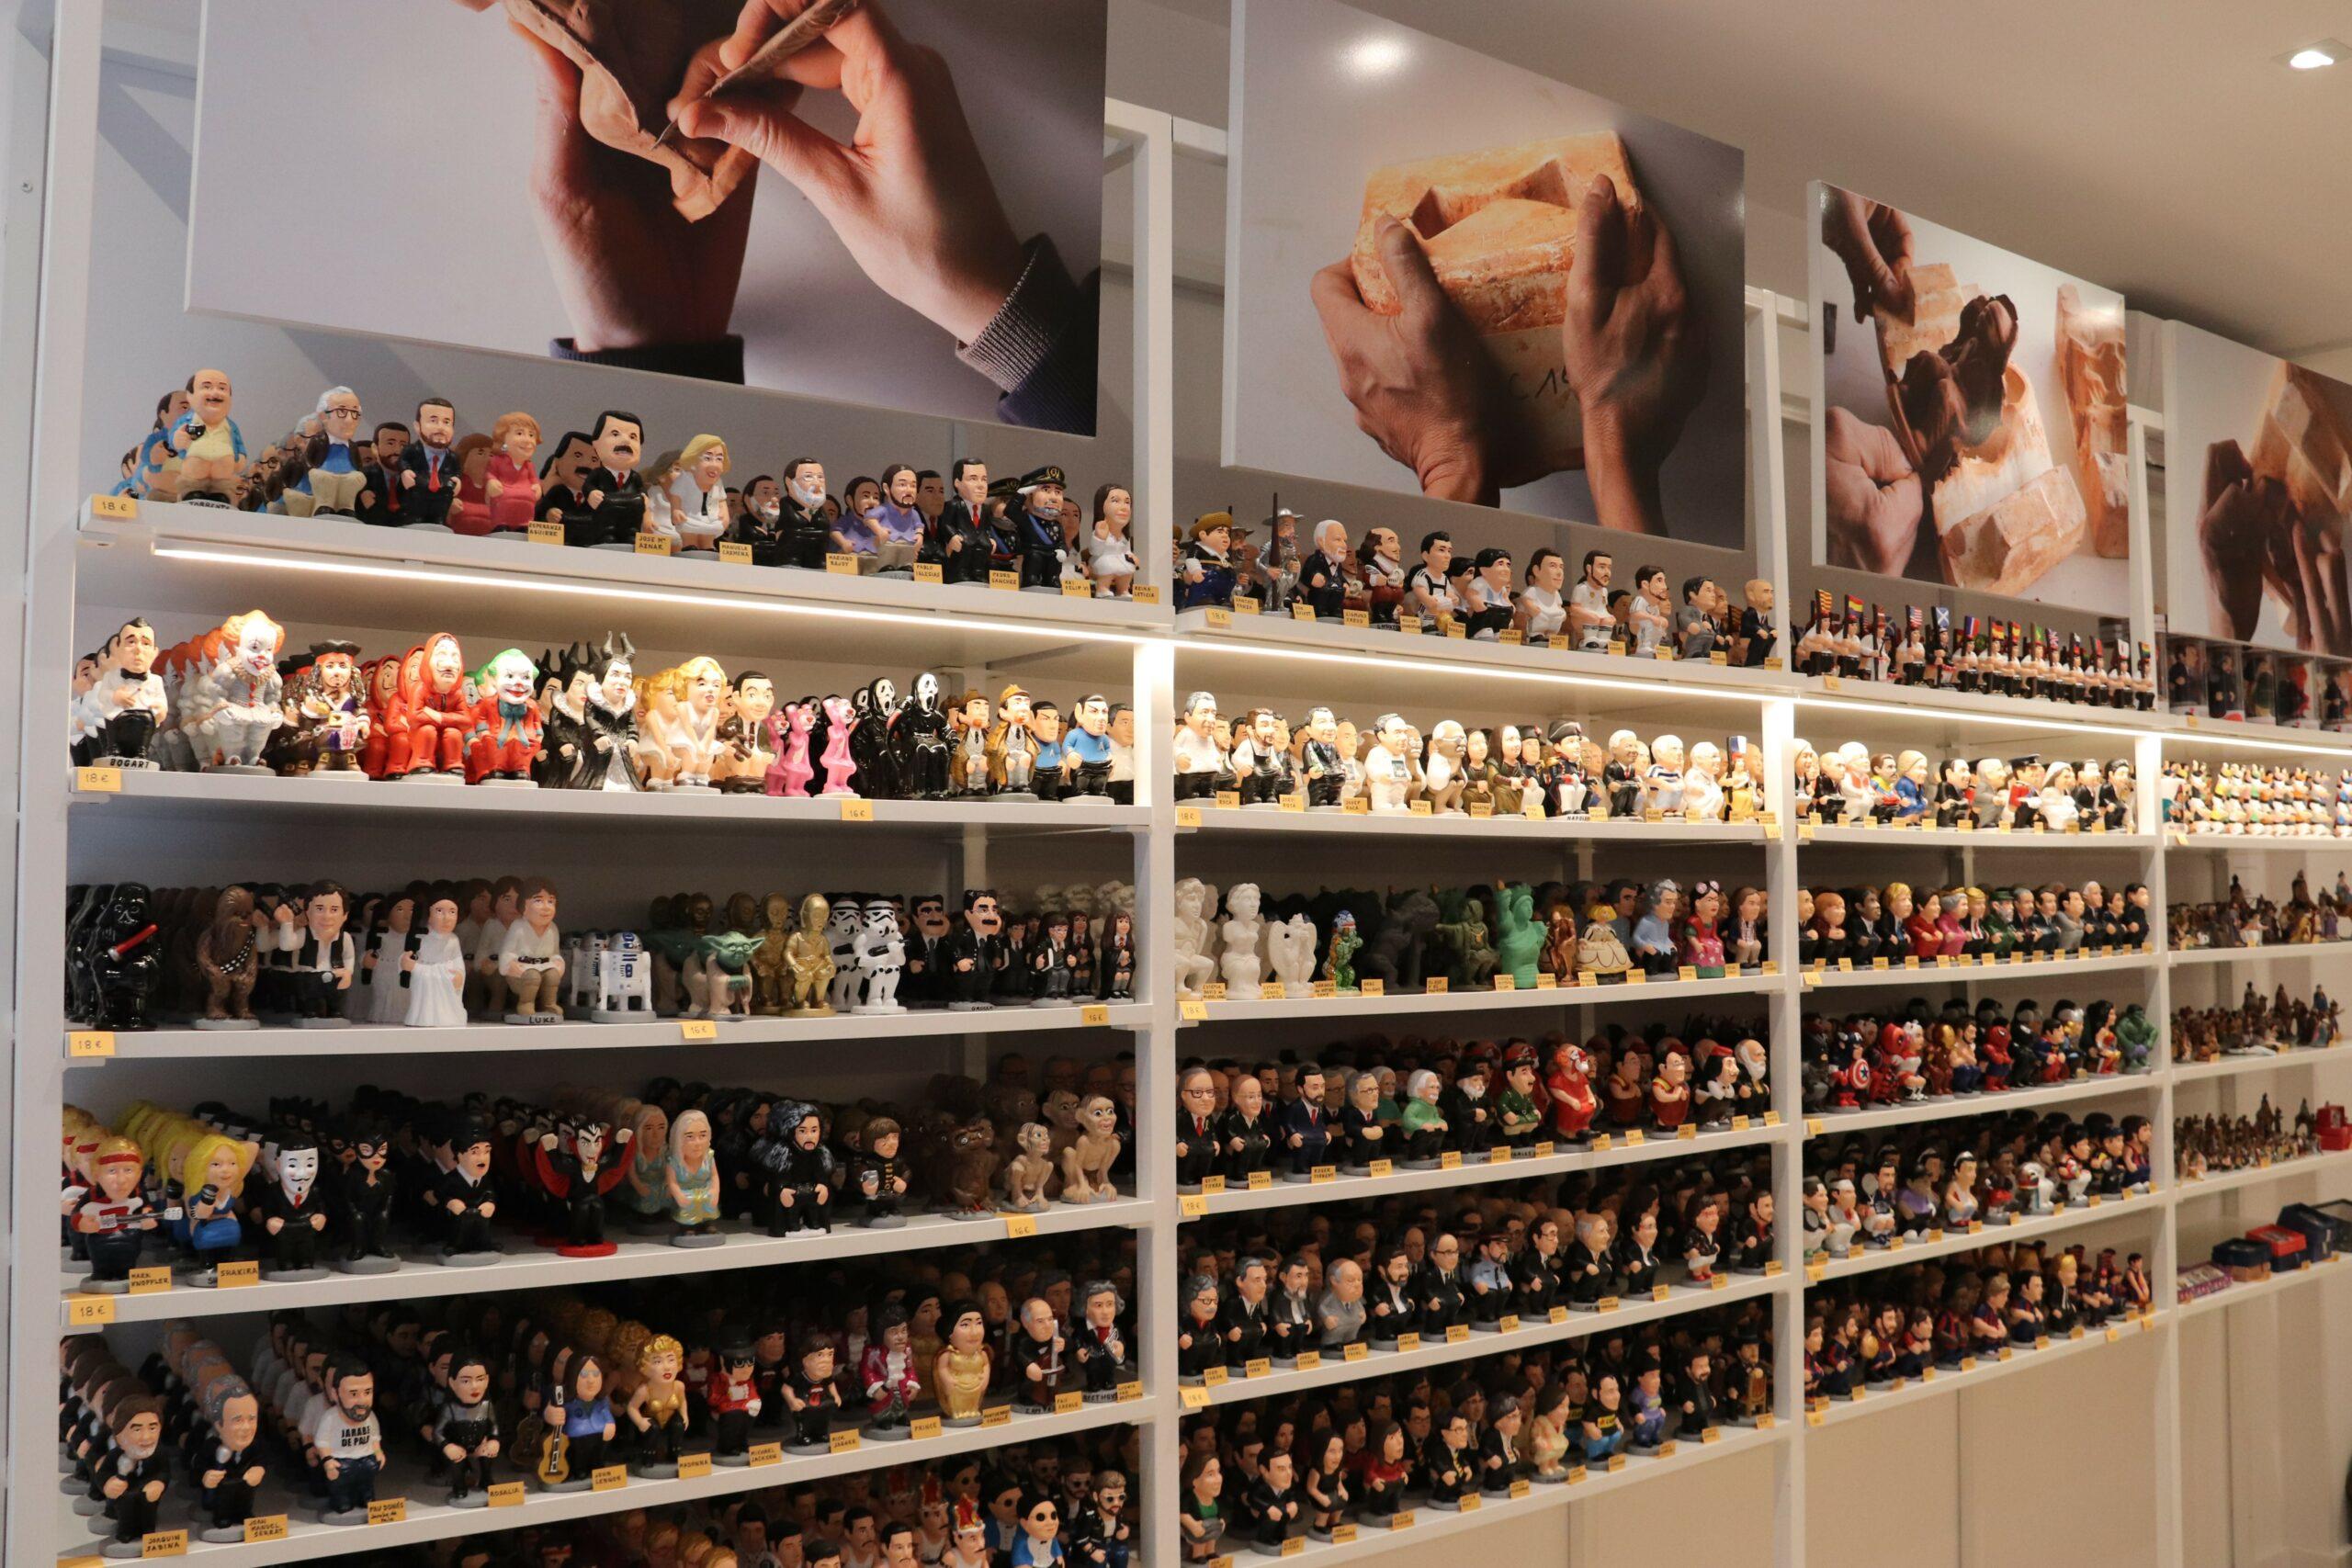 La botiga 'Caganer.com' és la primera especialitzada en les figures de caganers / ACN